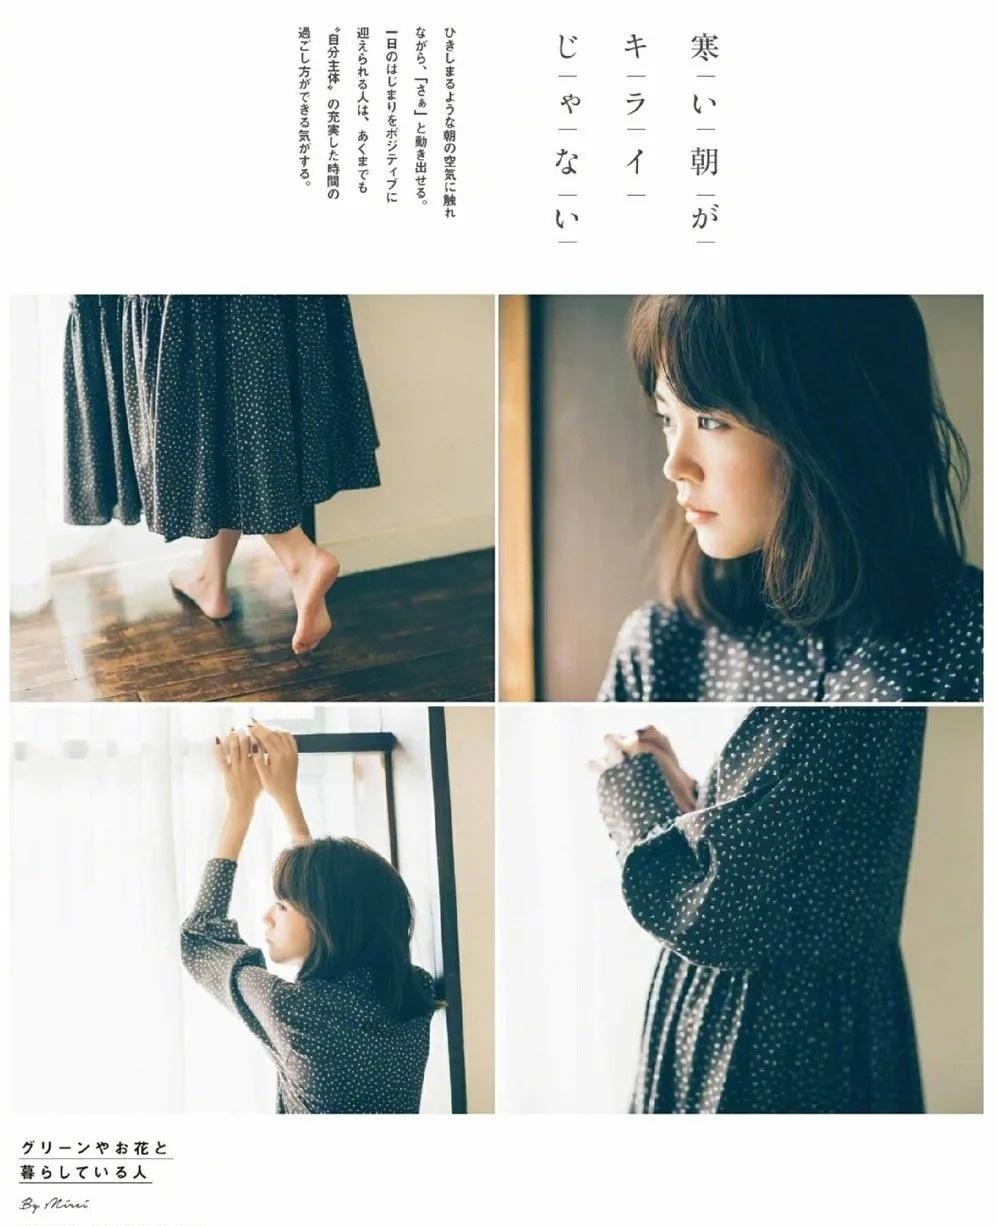 运气不会差的吧花桐谷美玲写真作品